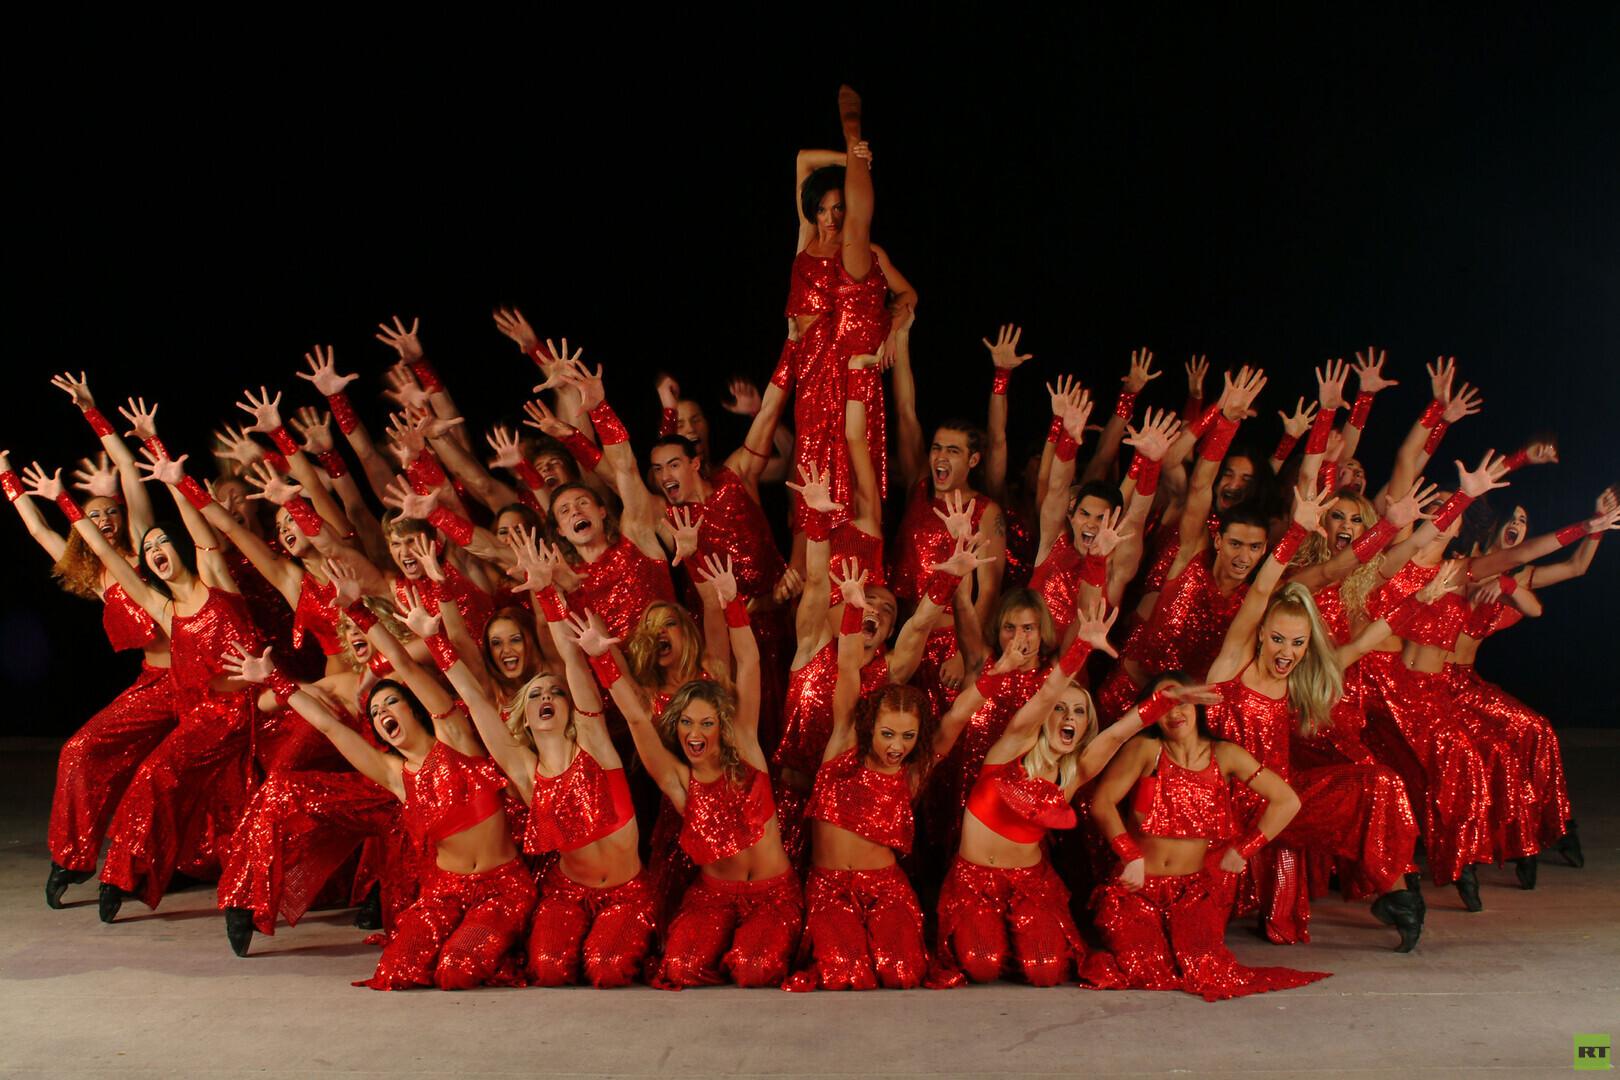 مدرسة رقص روسية تدخل كتاب